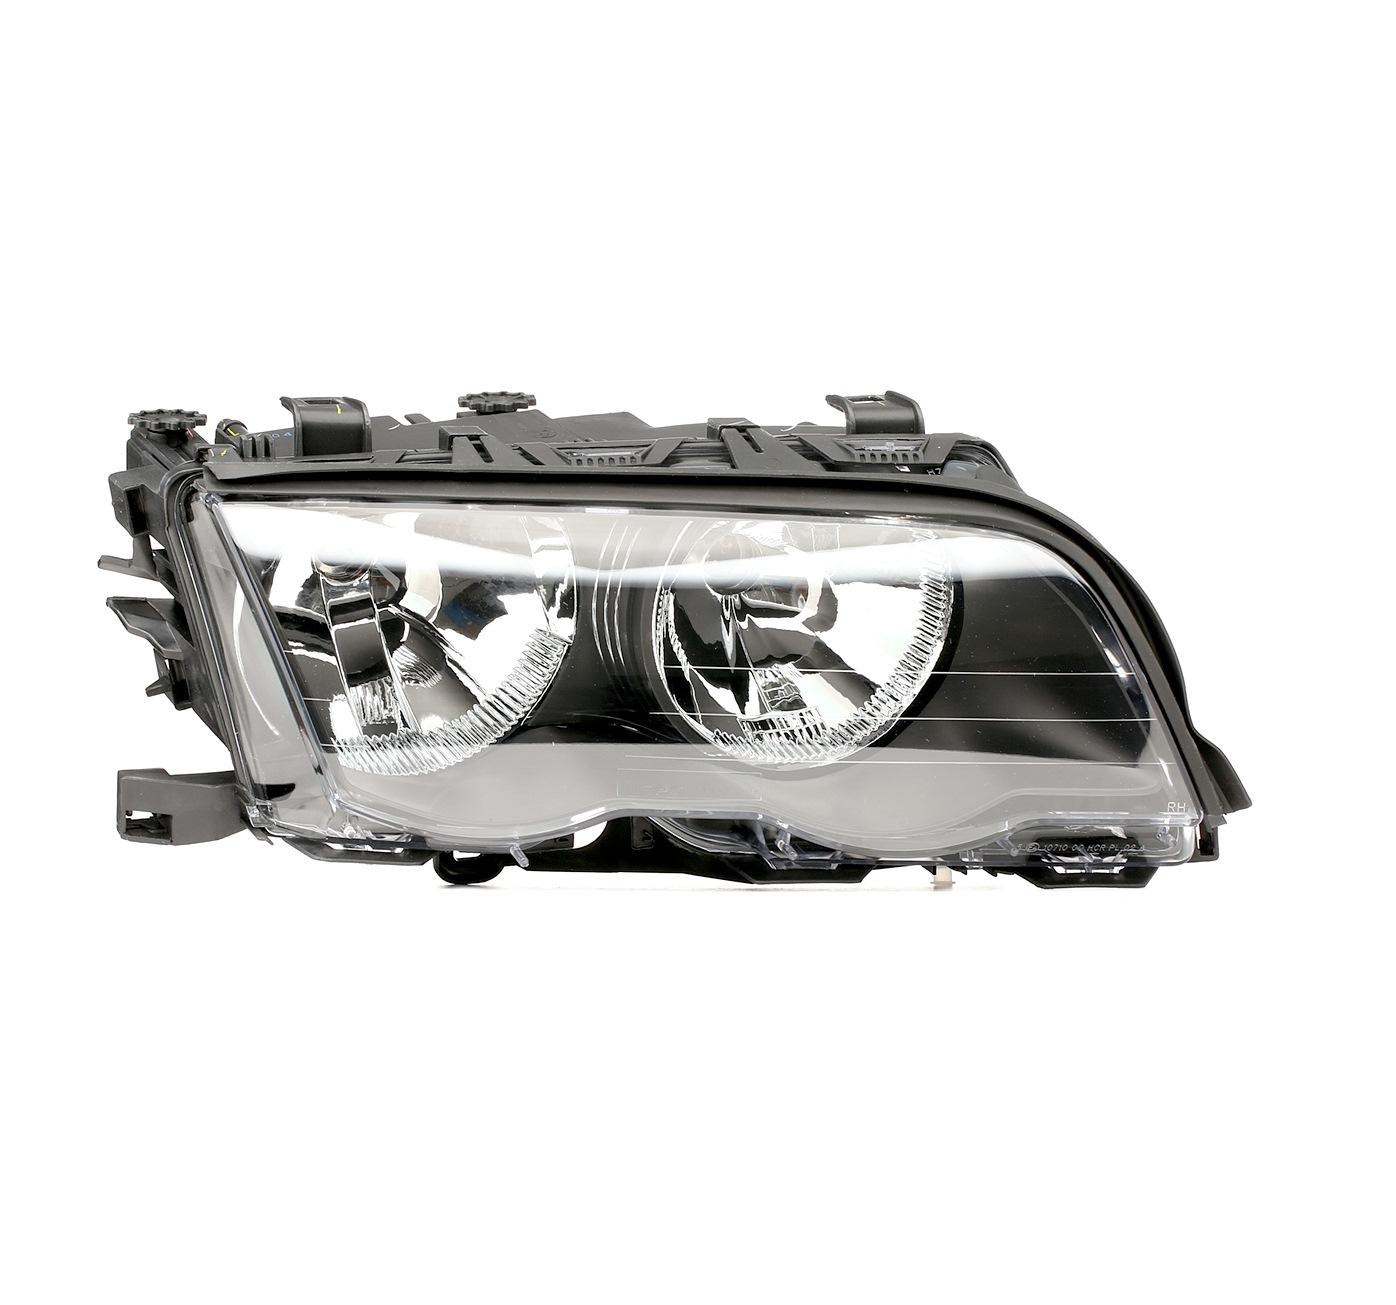 BMW 6er 2017 Hauptscheinwerfer - Original RIDEX 259H0089 Links-/Rechtsverkehr: für Rechtsverkehr, Fahrzeugausstattung: für Fahrzeuge mit Leuchtweiteregelung (elektrisch)